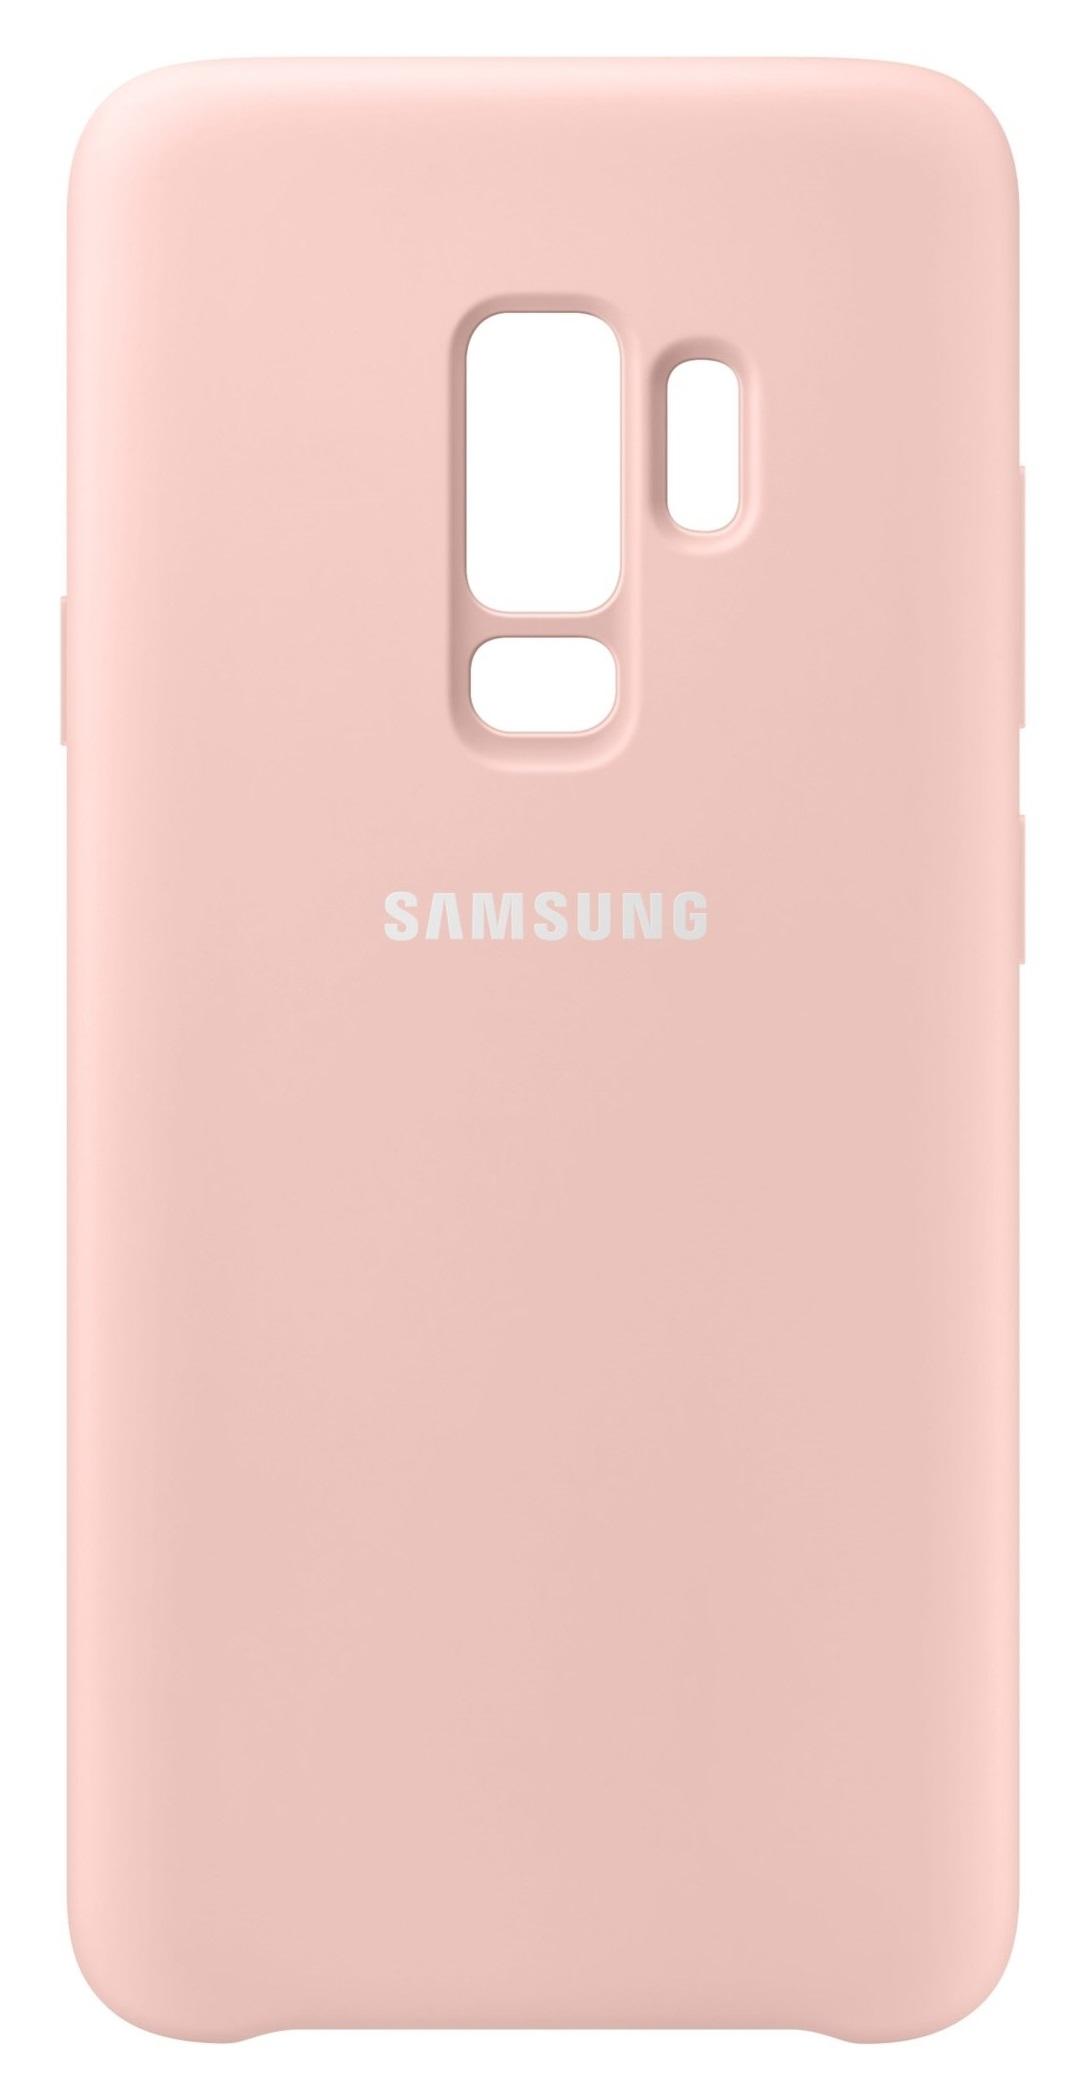 Husa Samsung EF-PG965TPEGWW silicon roz pentru Samsung Galaxy S9 Plus (G965)